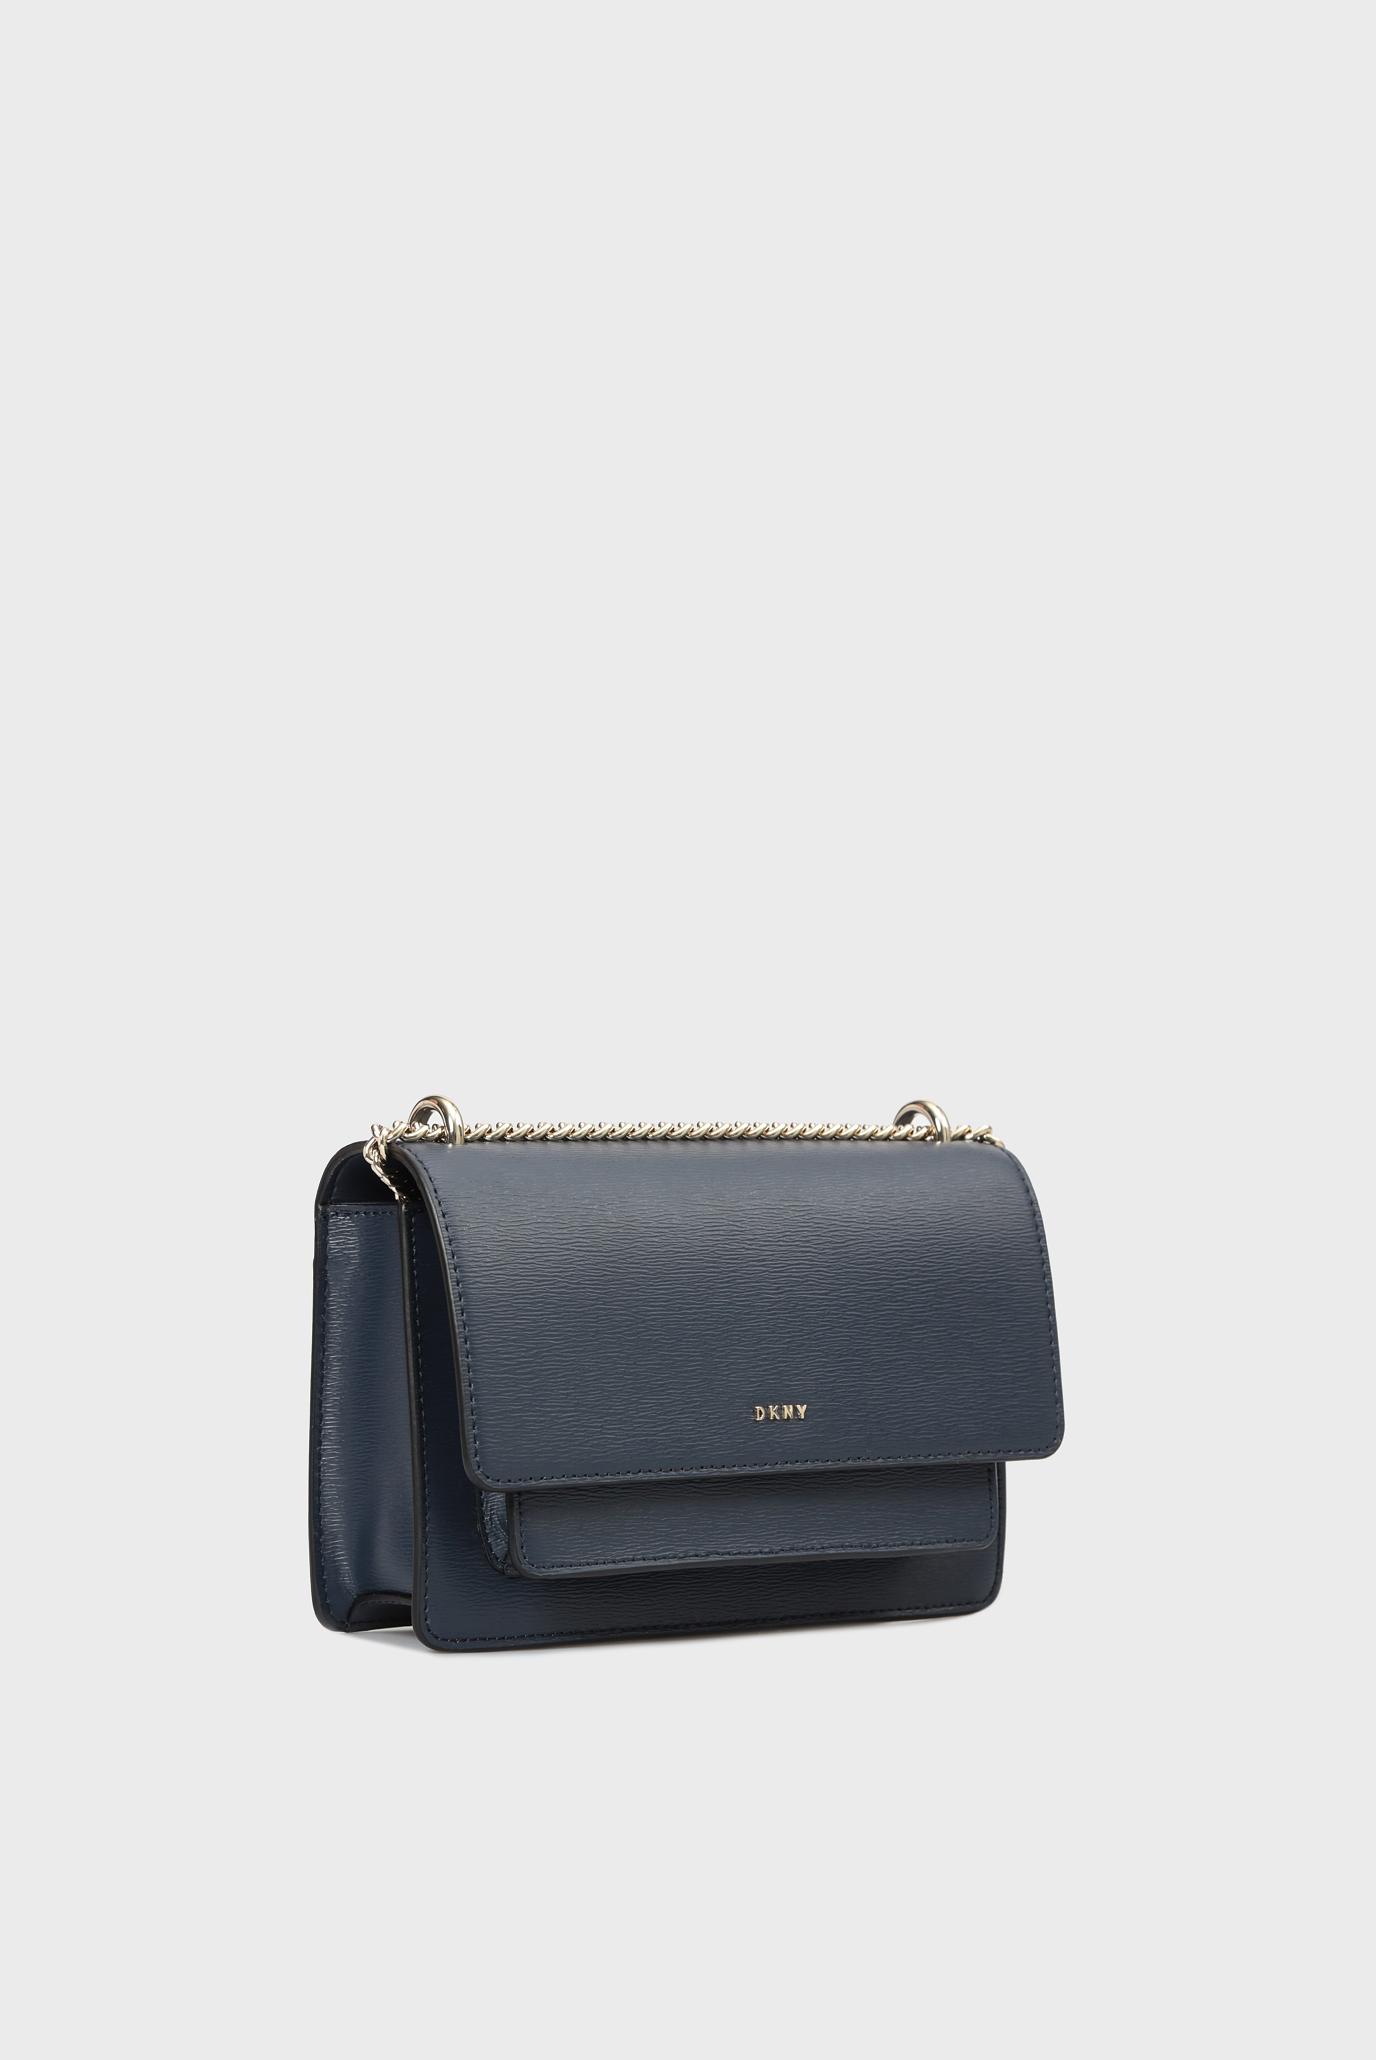 Купить Женская темно-синяя кожаная сумка через плечо BRYANT-SM DKNY DKNY R91E3A90 – Киев, Украина. Цены в интернет магазине MD Fashion